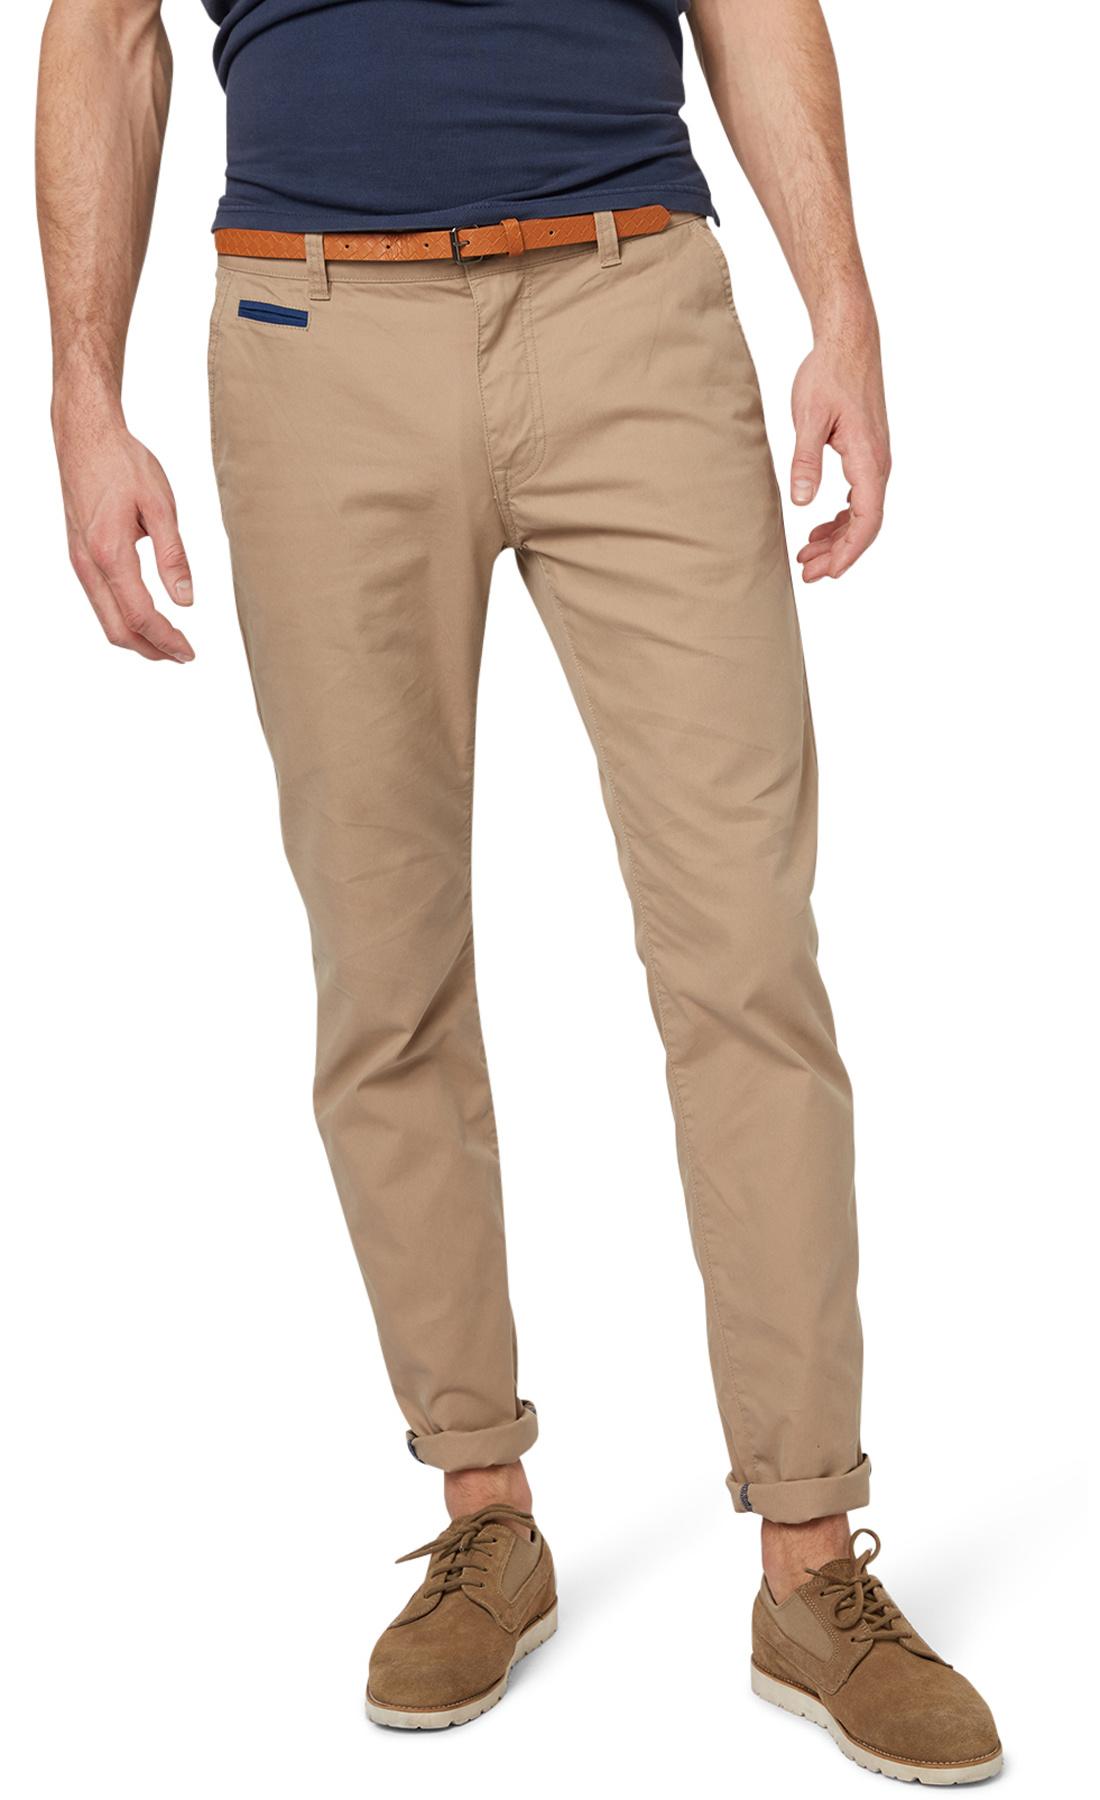 Tom Tailor pánské Chino kalhoty 64041270010/8493 Hnědá W34/L32